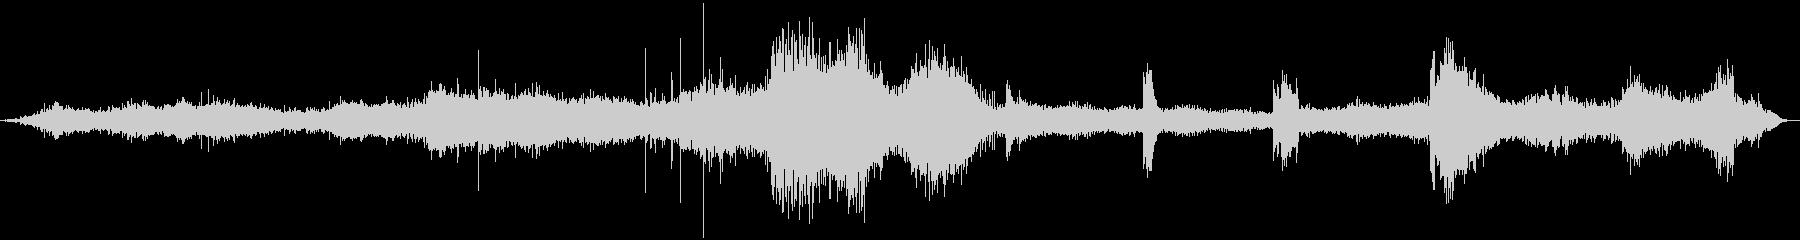 【ホラーゲーム】 スリル シーン 02の未再生の波形